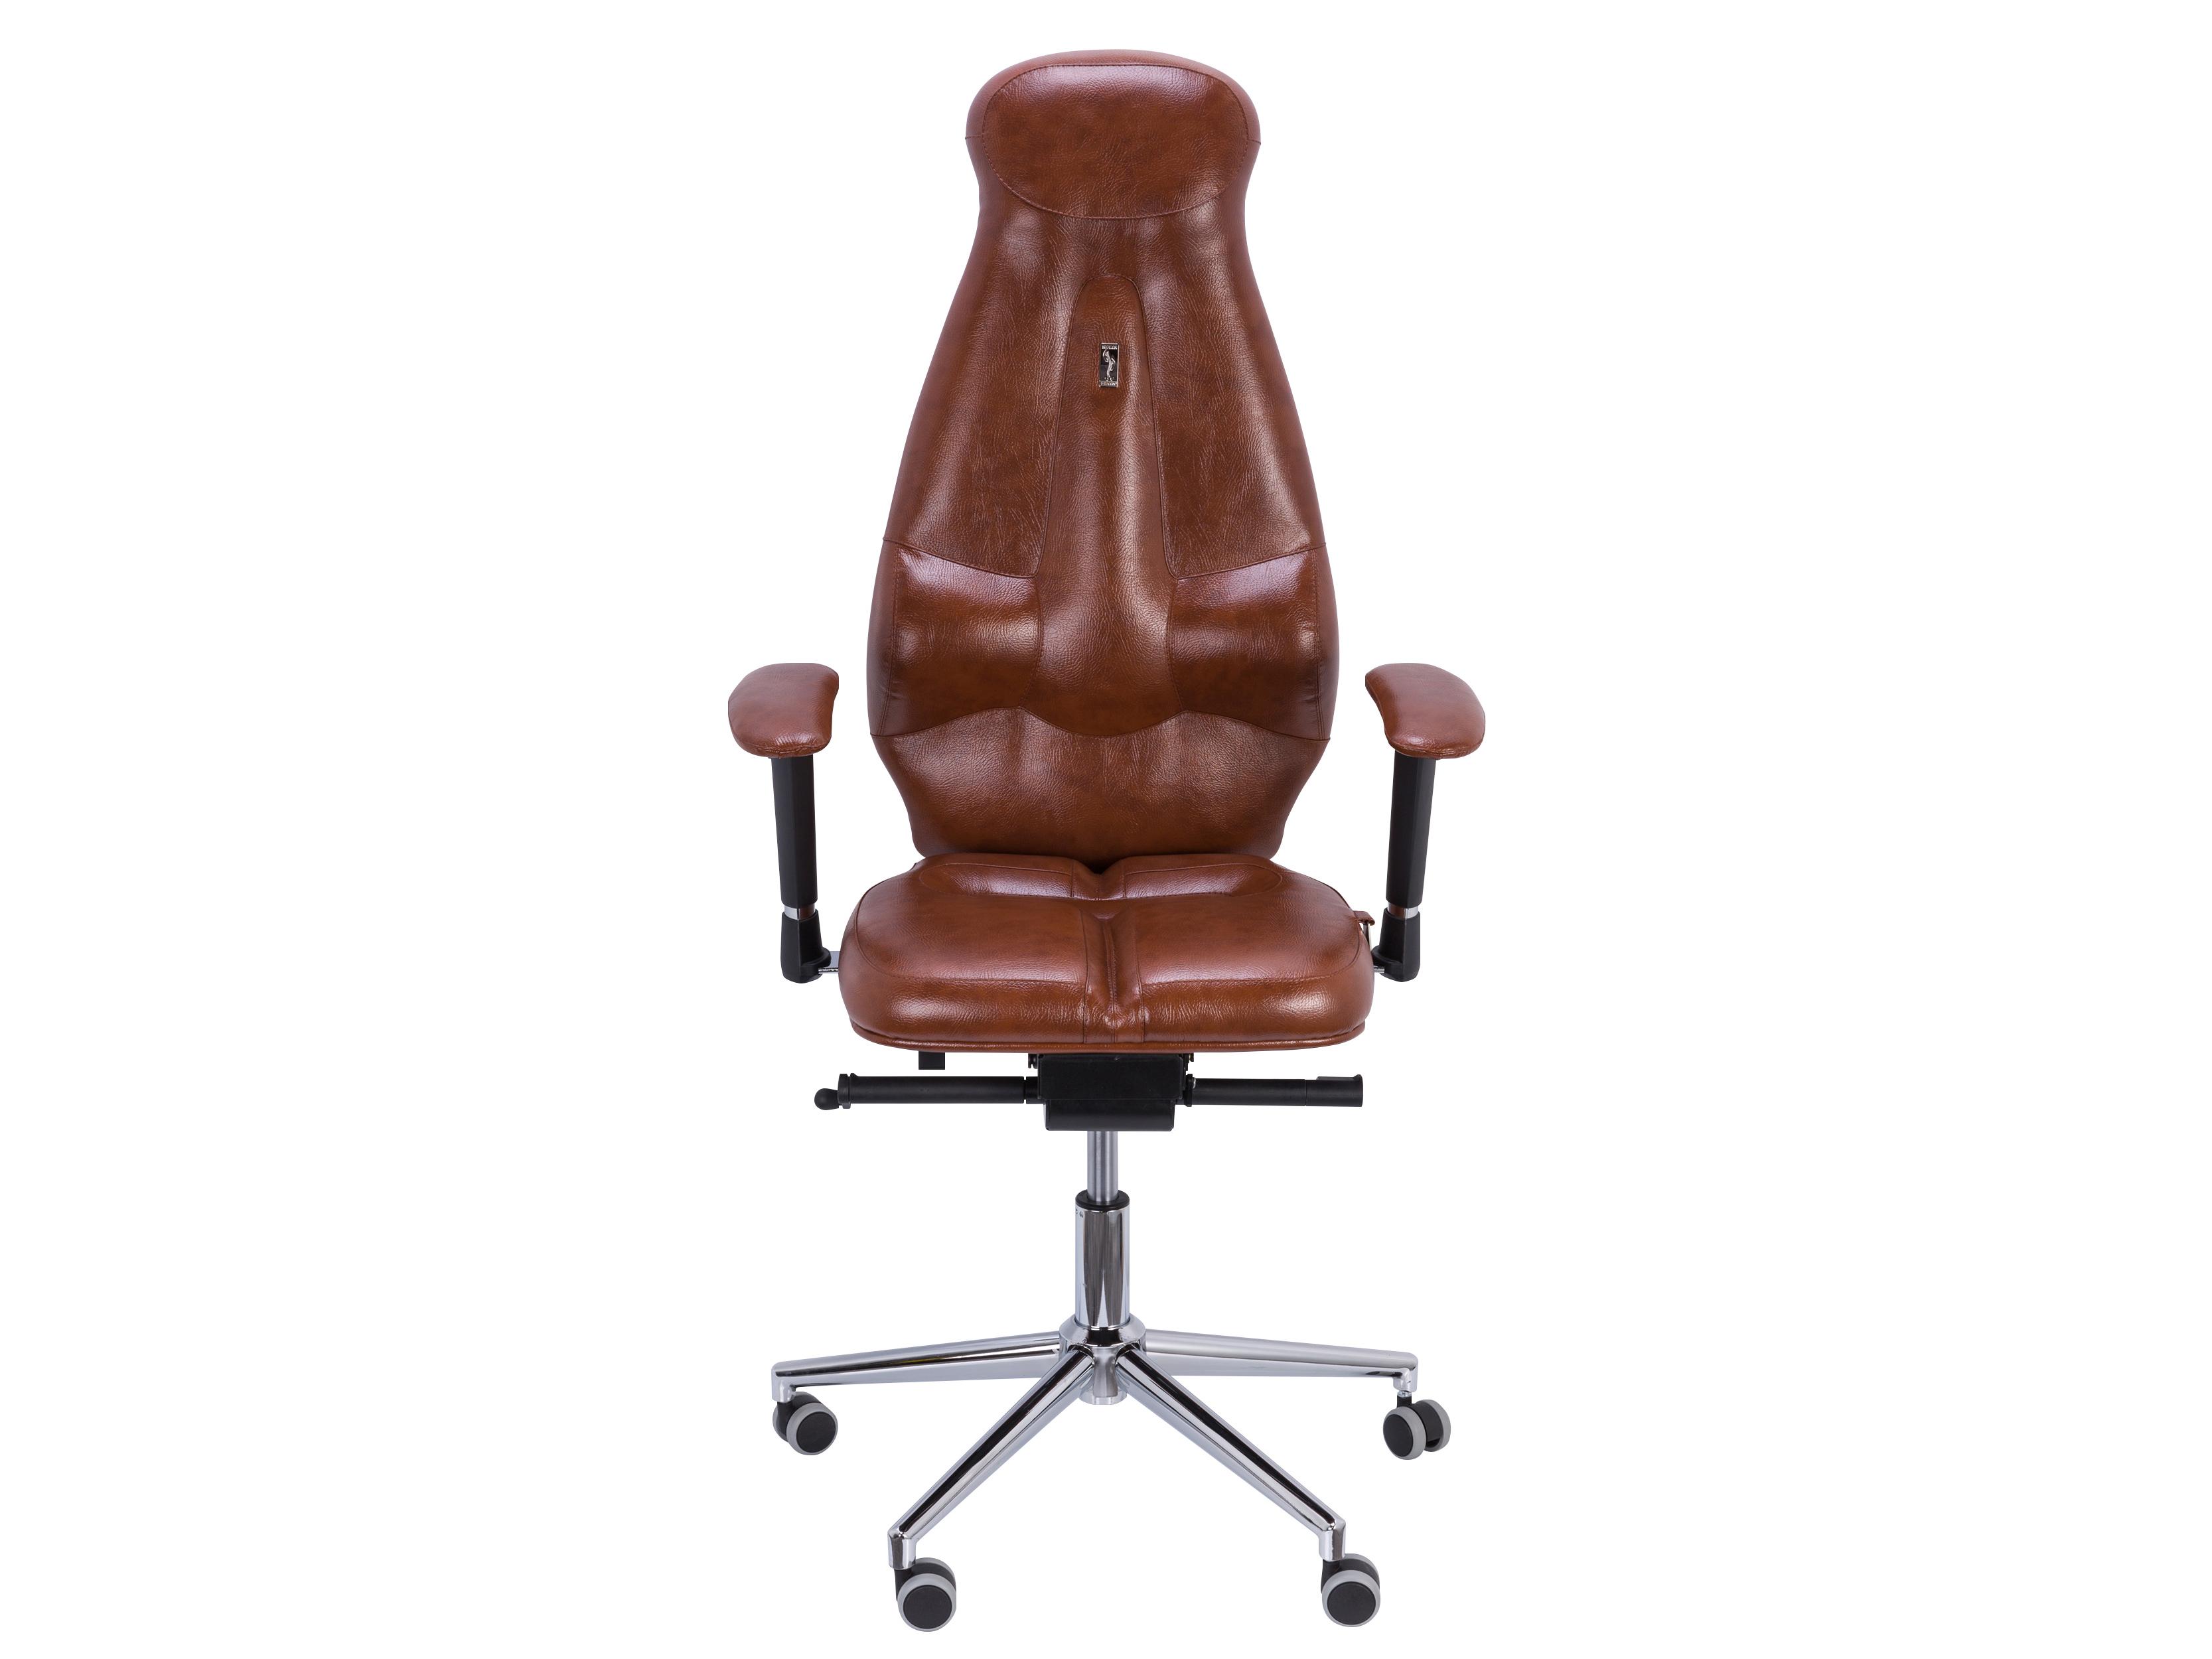 Кресло GALAXYРабочие кресла<br>В данной модели конструкторам удалось превосходно сочетать элегантный дизайн, первоклассную комфортность и полезную эргономику. Благодаря этим успешным составляющим модель Galaxy заслужено считается лучшим помощником эффективной работы.<br><br>Material: Кожа<br>Length см: None<br>Width см: 65<br>Depth см: 56<br>Height см: 139<br>Diameter см: None